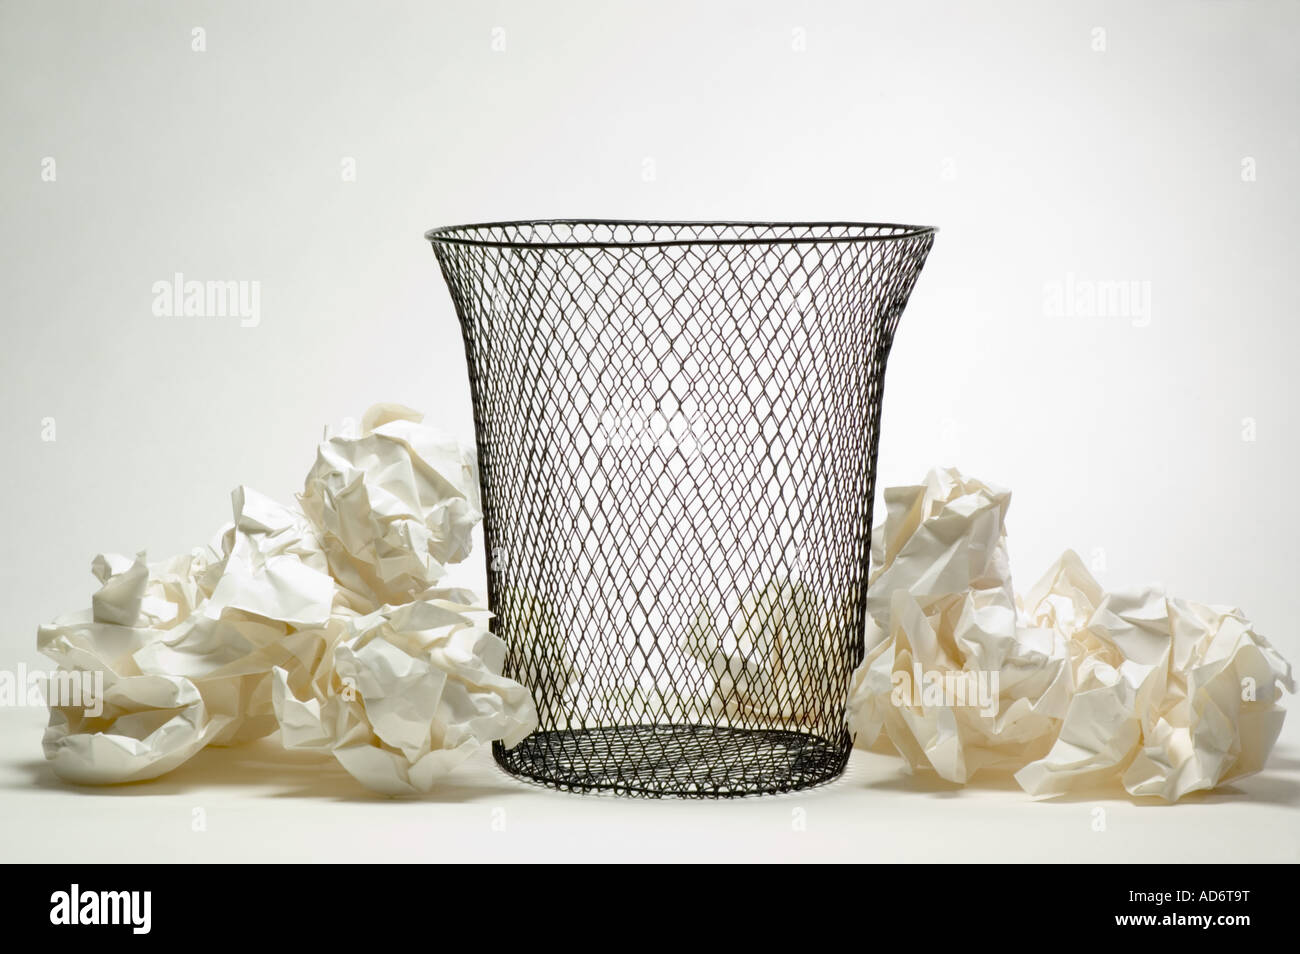 Litter Baskets Stockfotos & Litter Baskets Bilder - Alamy